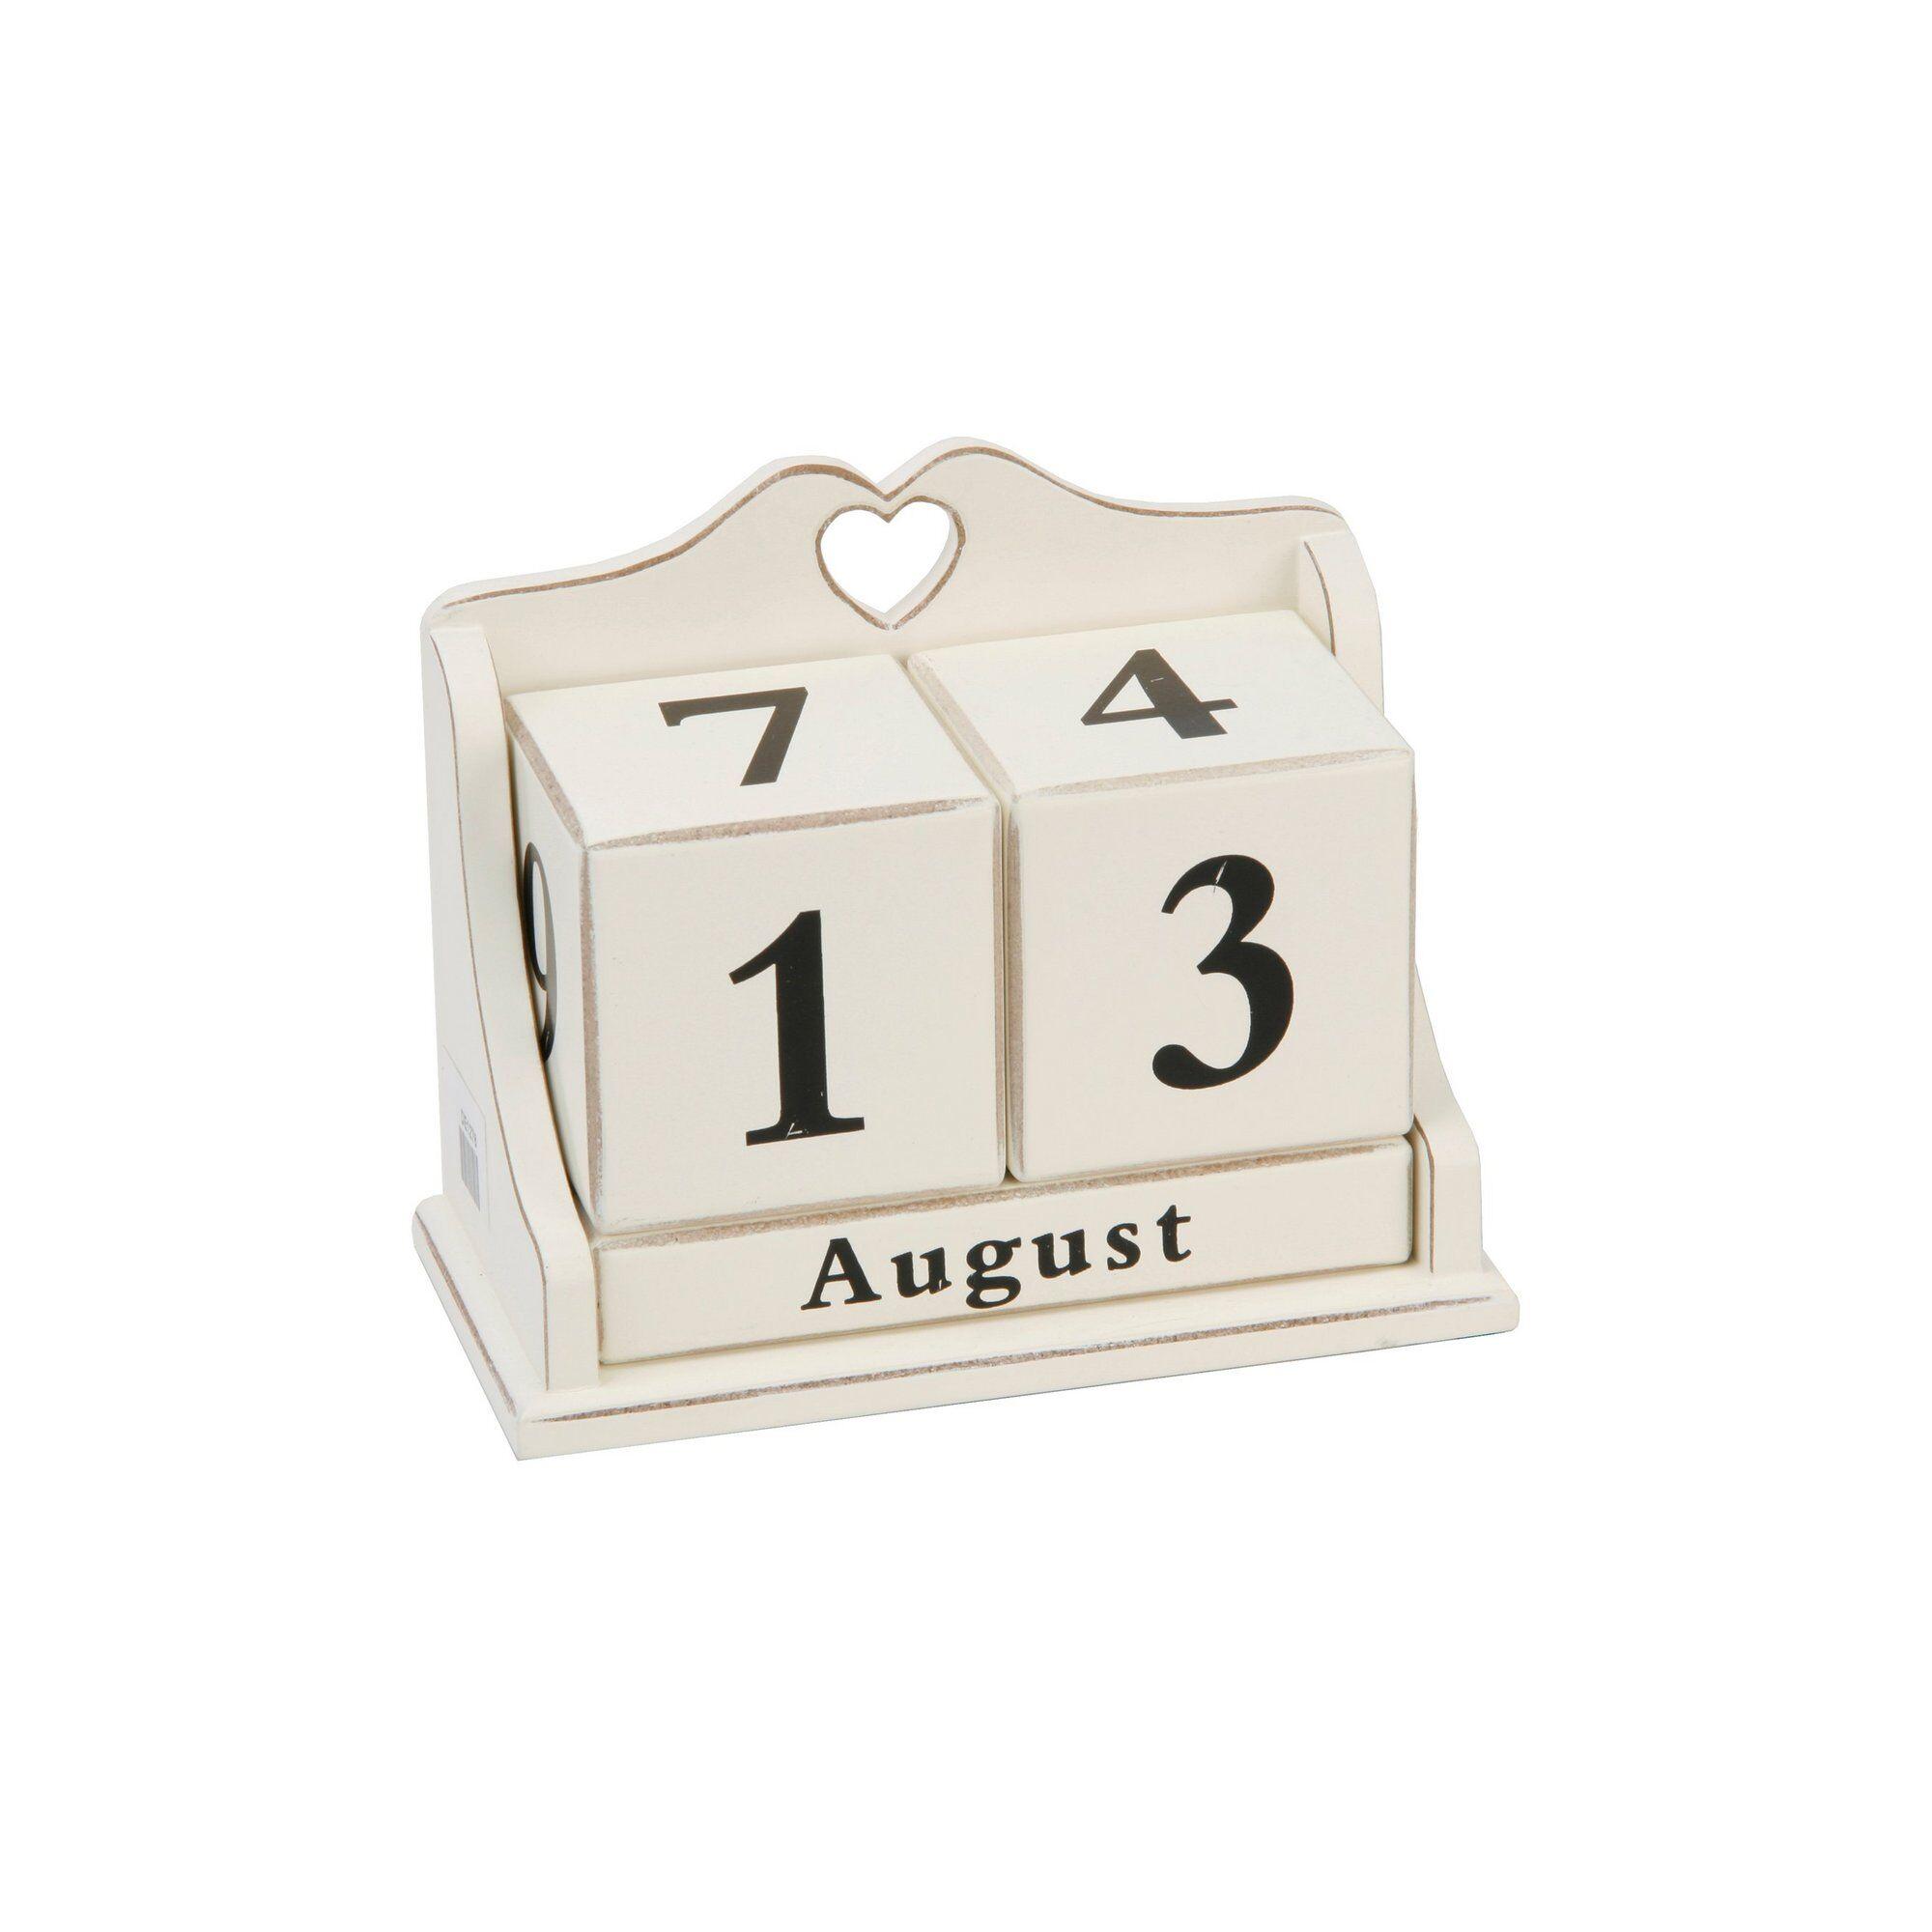 Studio Cream Heart Perpetual Calendar  - Natural